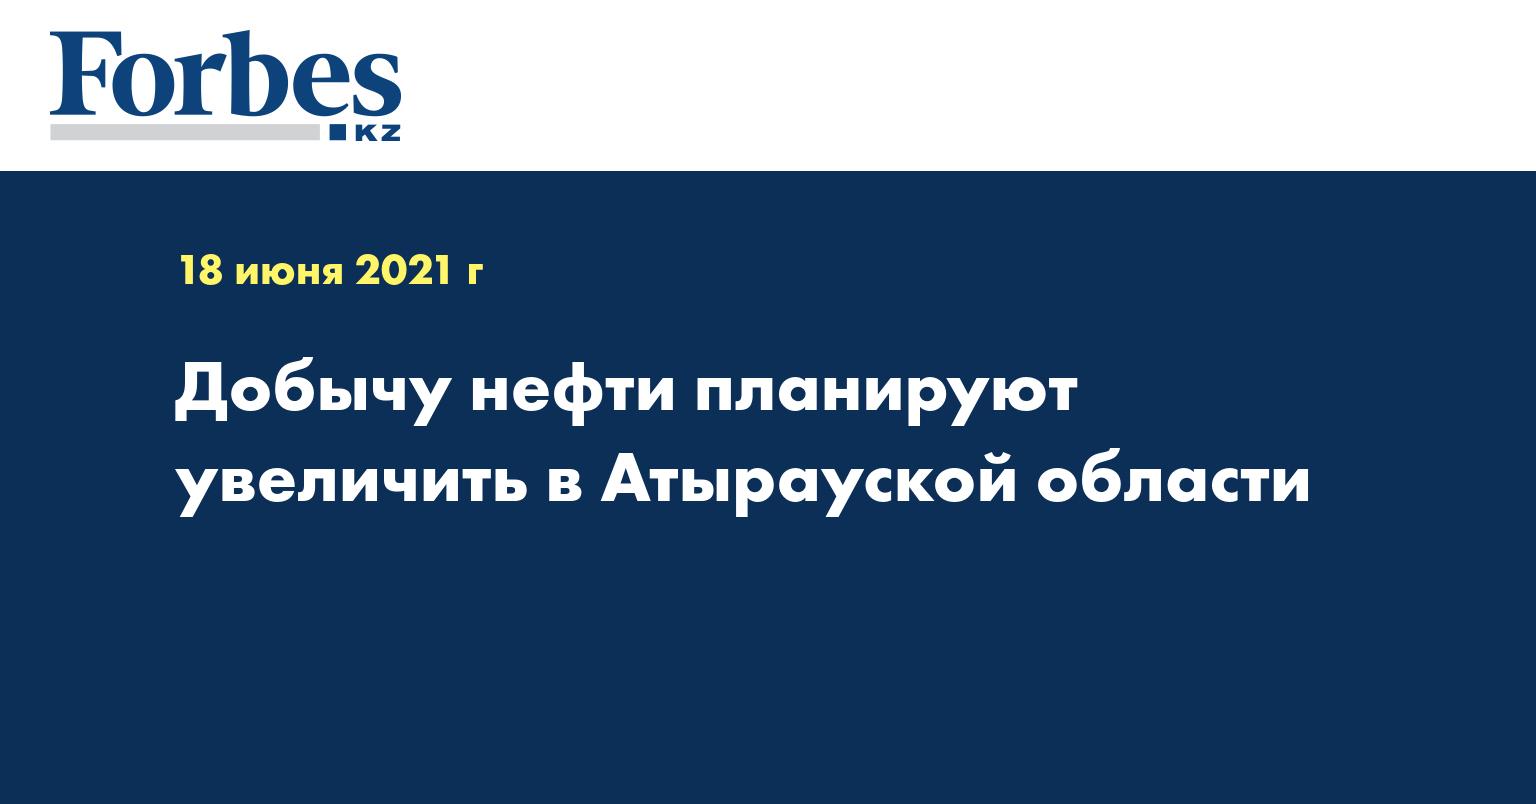 Добычу нефти планируют увеличить в Атырауской области